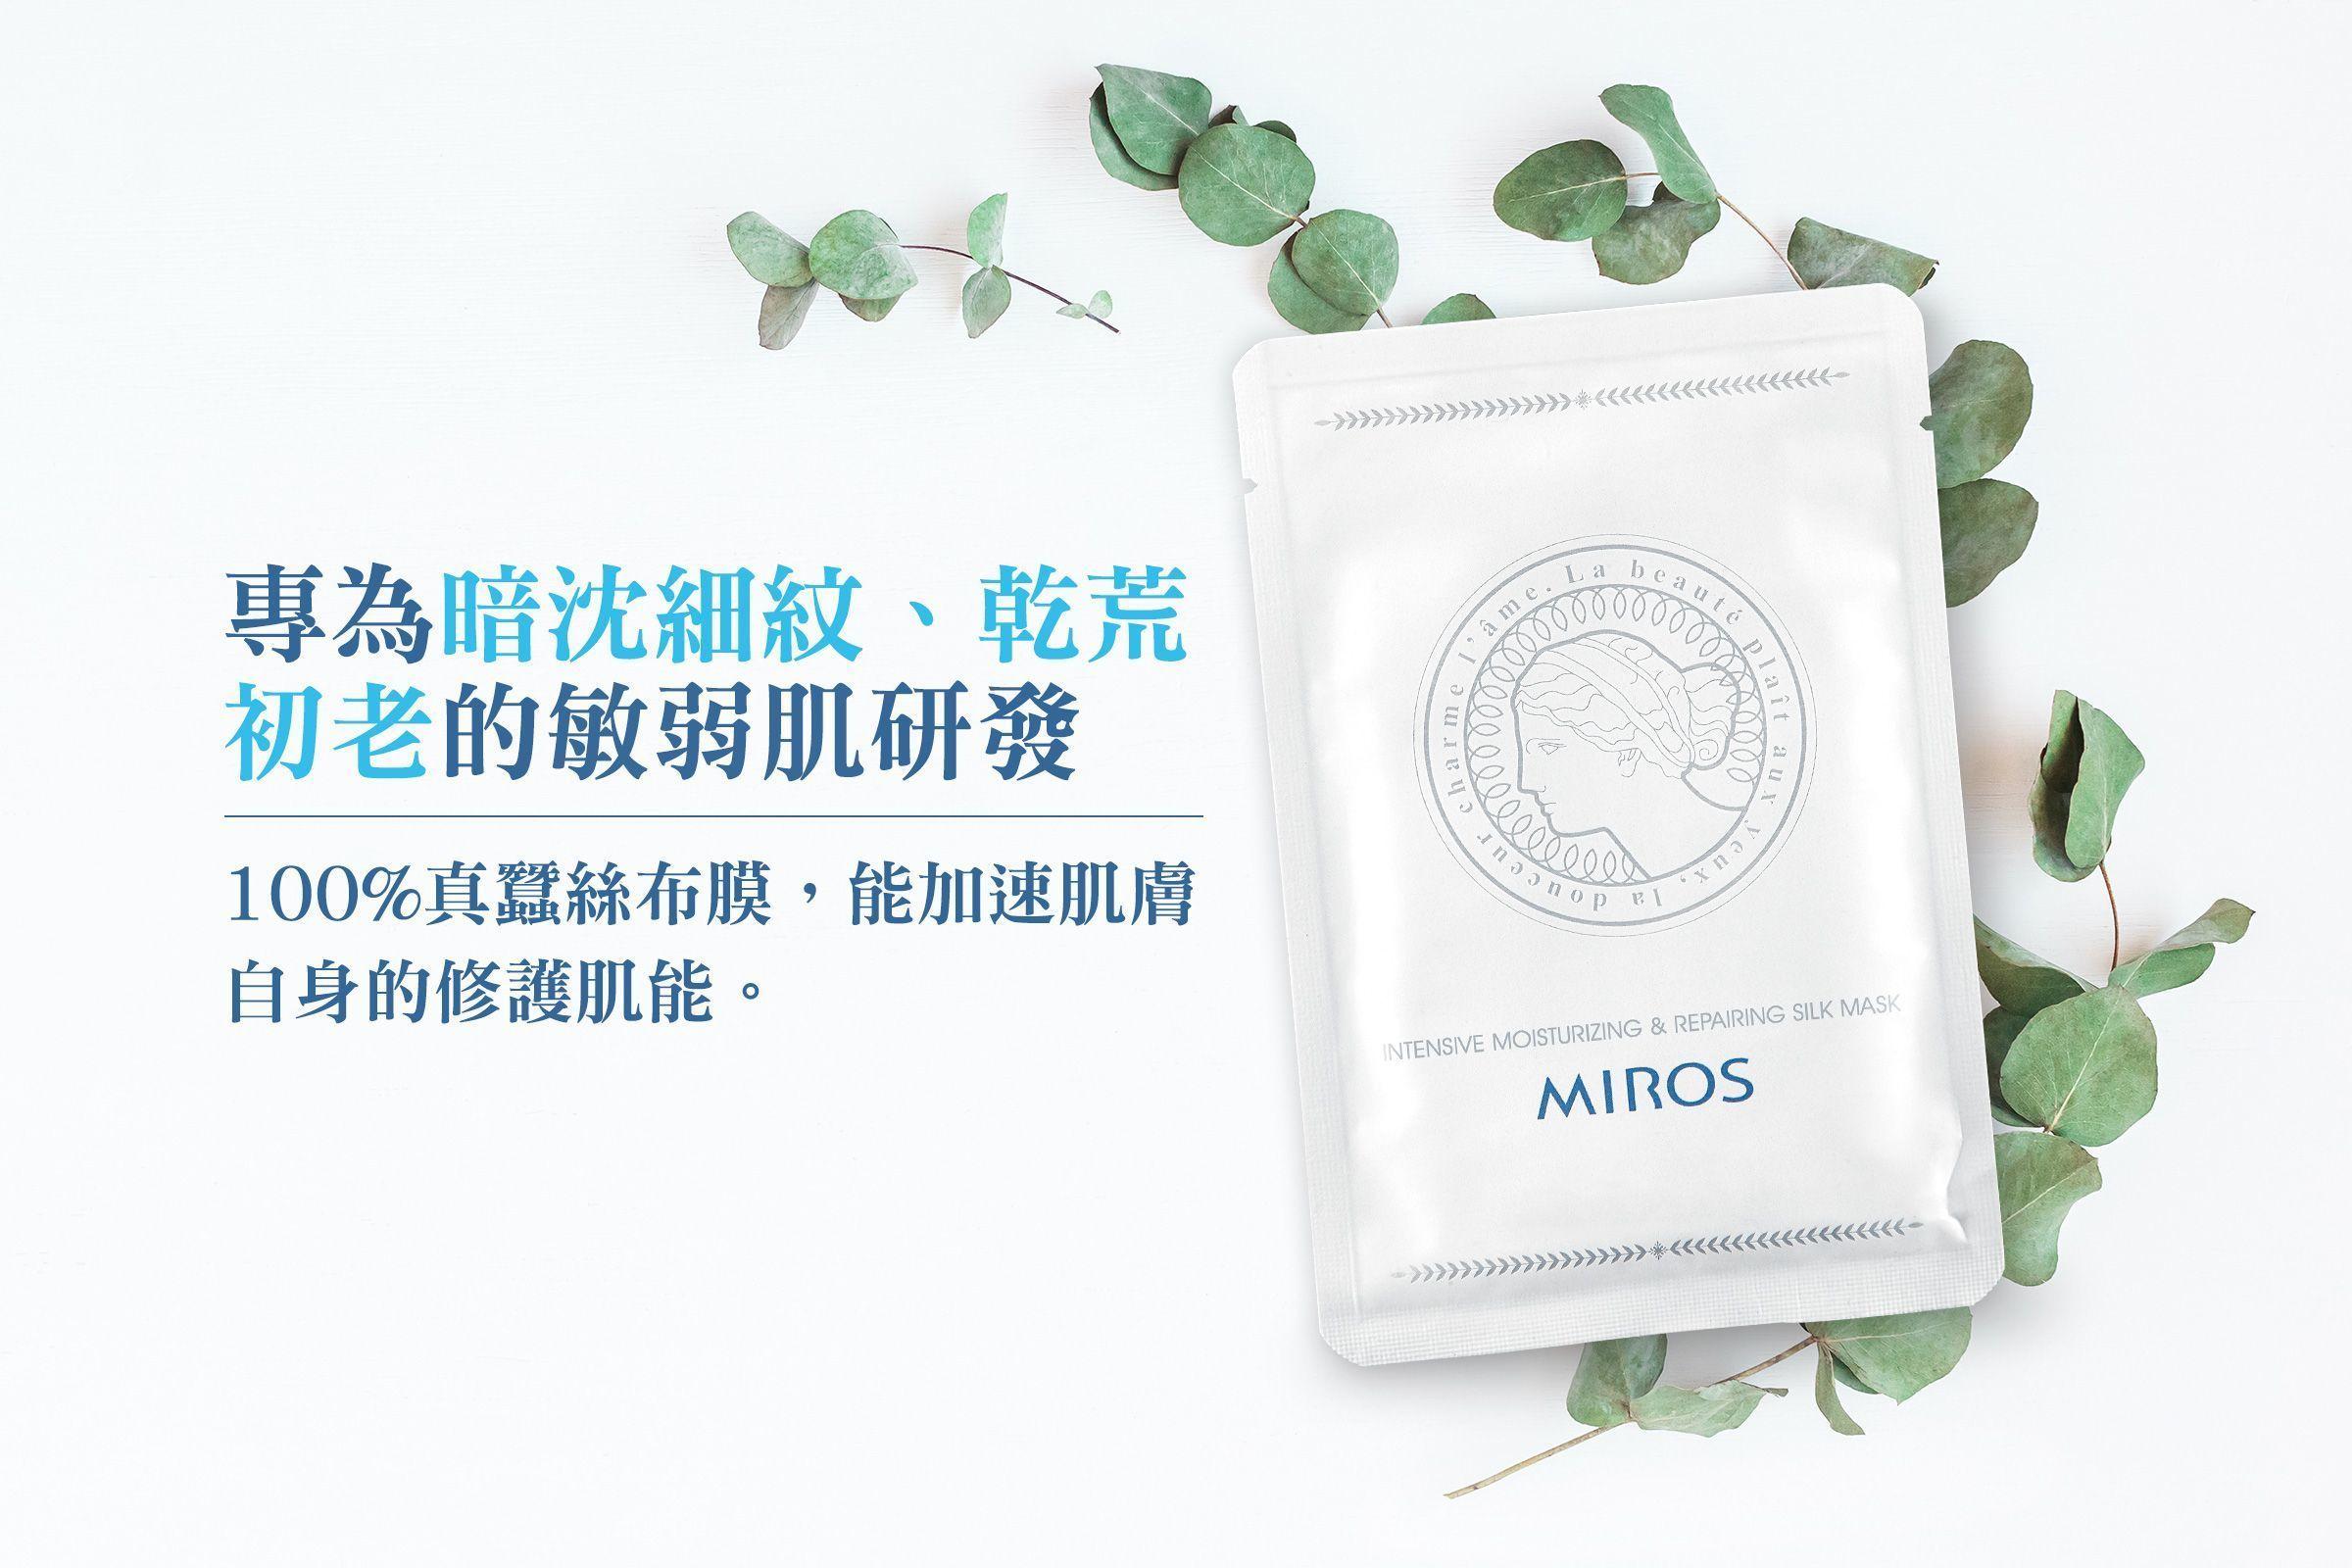 高保濕婙白修護蠶絲面膜30片環保箱裝